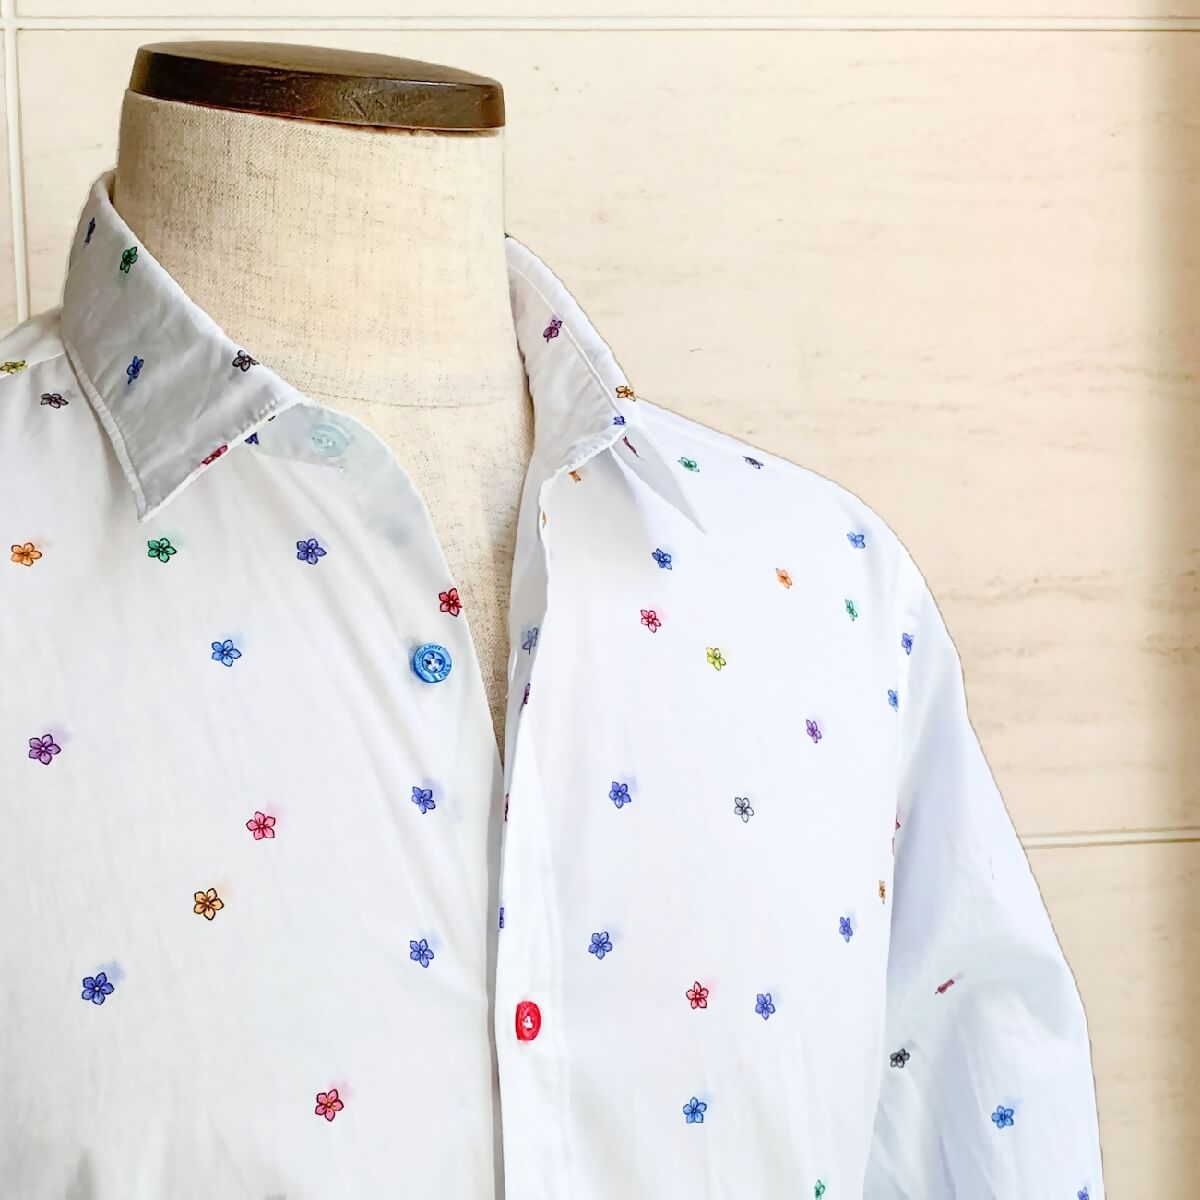 POGGIANTI1958(ポジャンティ)コットンシャツ カジャアルシャツ ブランド メンズ シャツ カジュアル イタリア おしゃれ 小花柄 花 フラワー